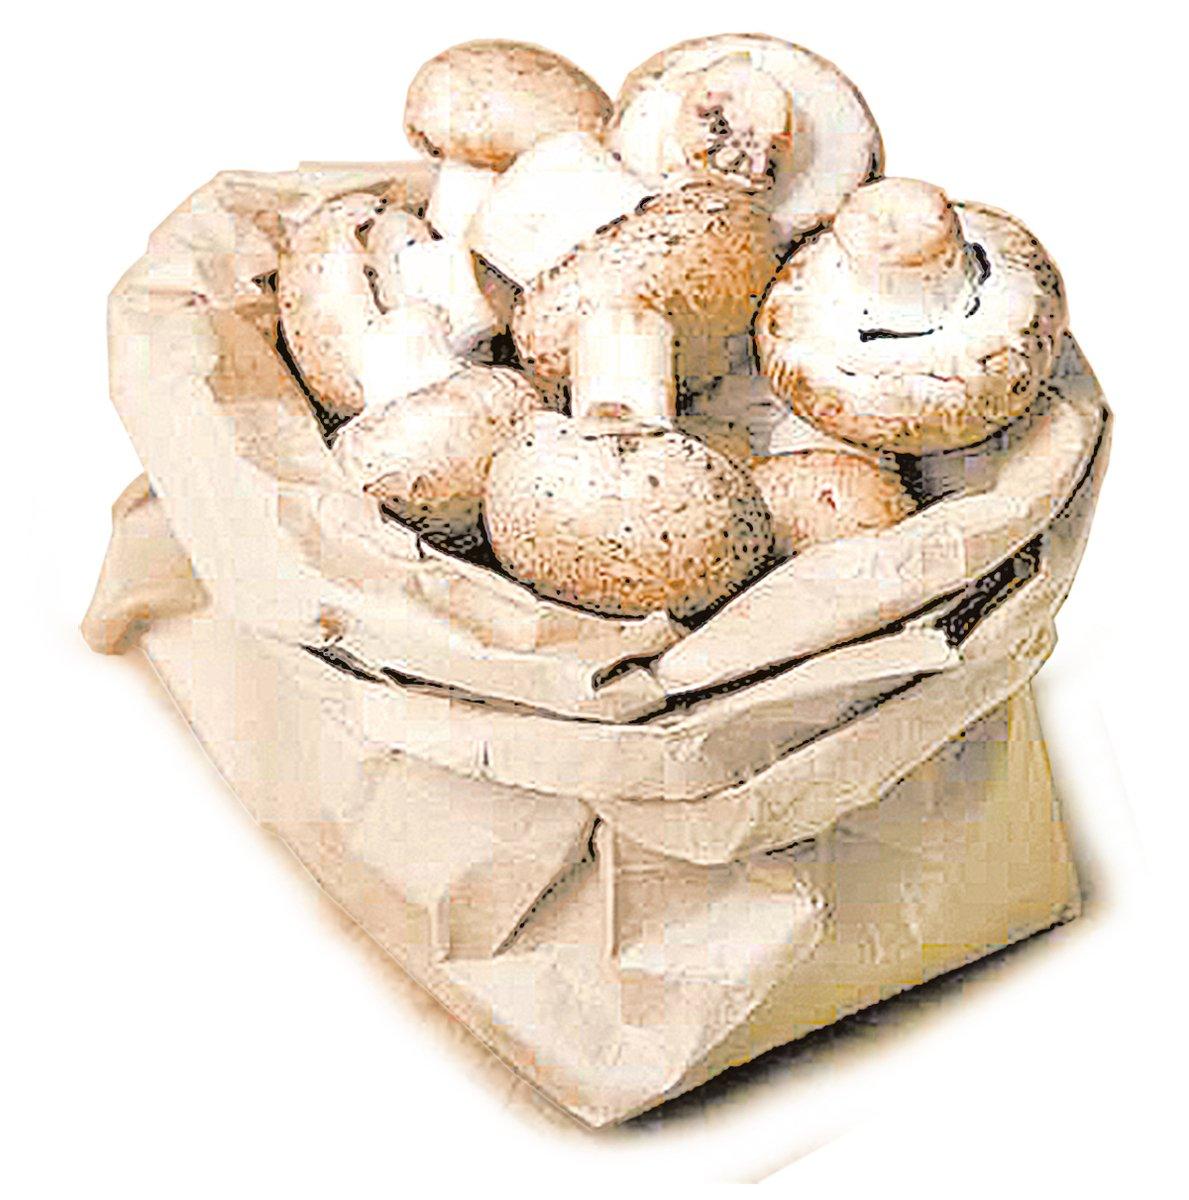 蘑菇買回家後不要清洗,請用紙袋把蘑菇包起來後存放在雪櫃的大隔間中。